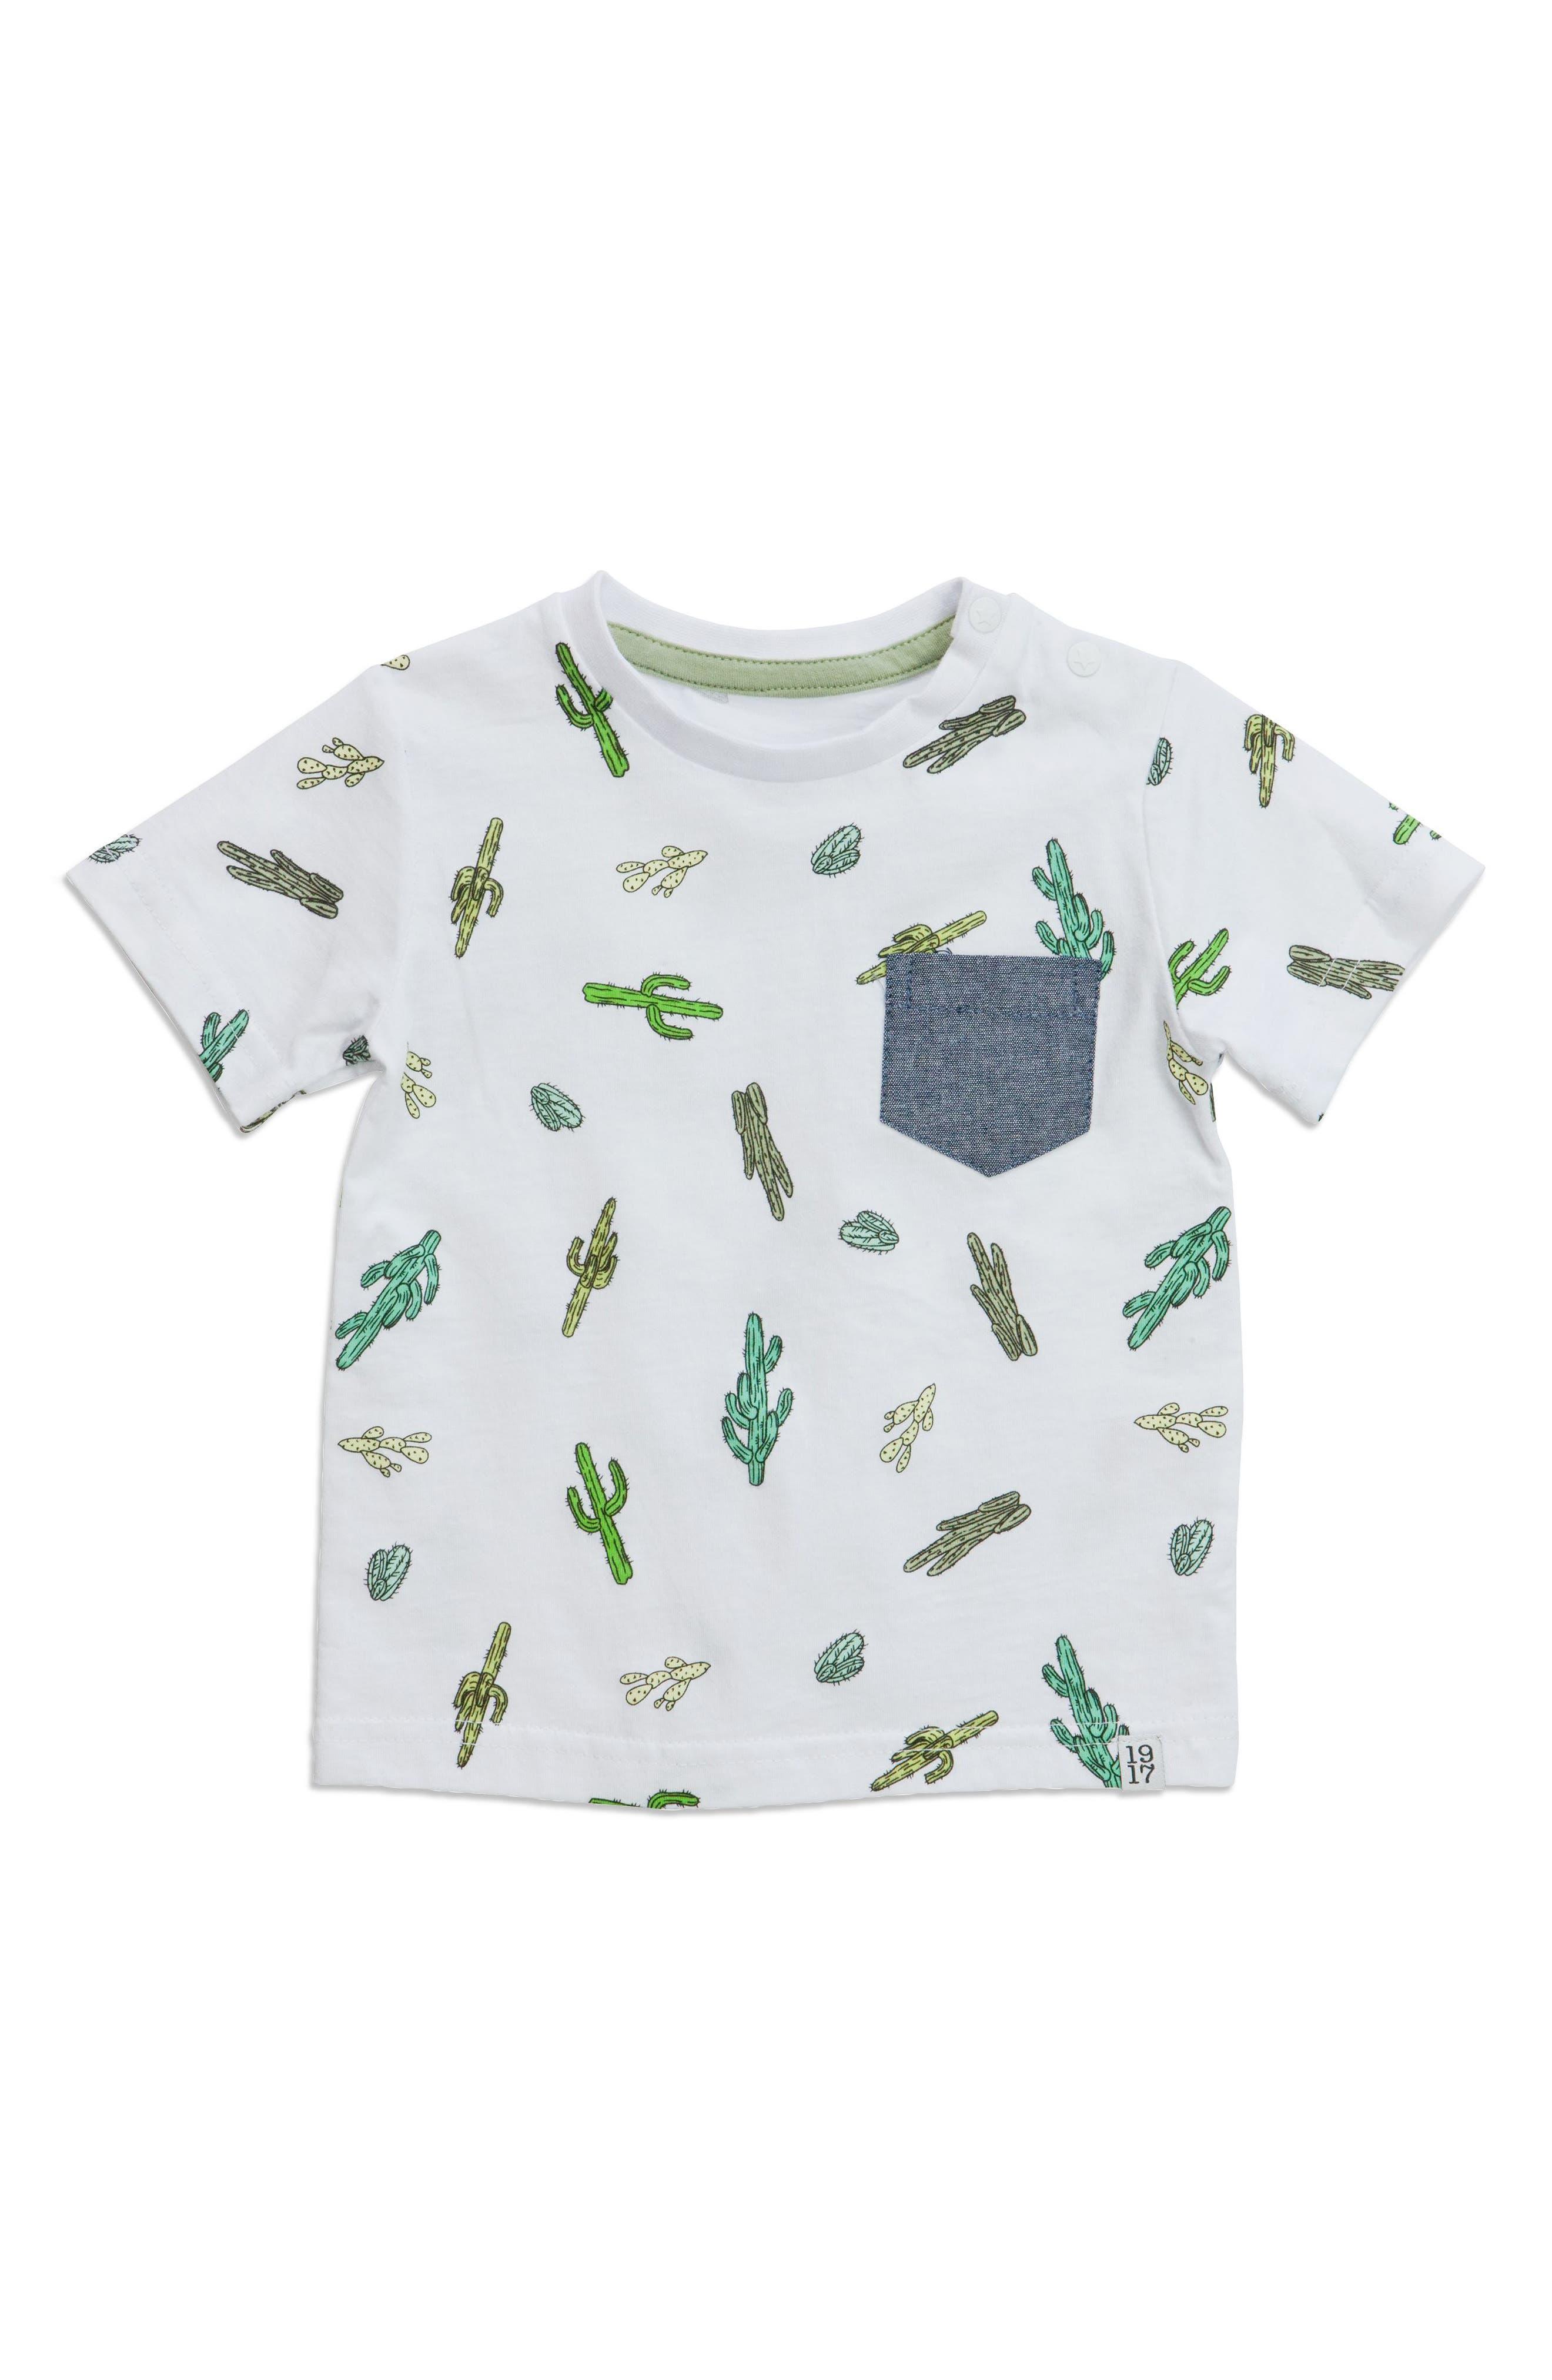 Sovereign Code Stuart Print T-Shirt (Toddler Boys)